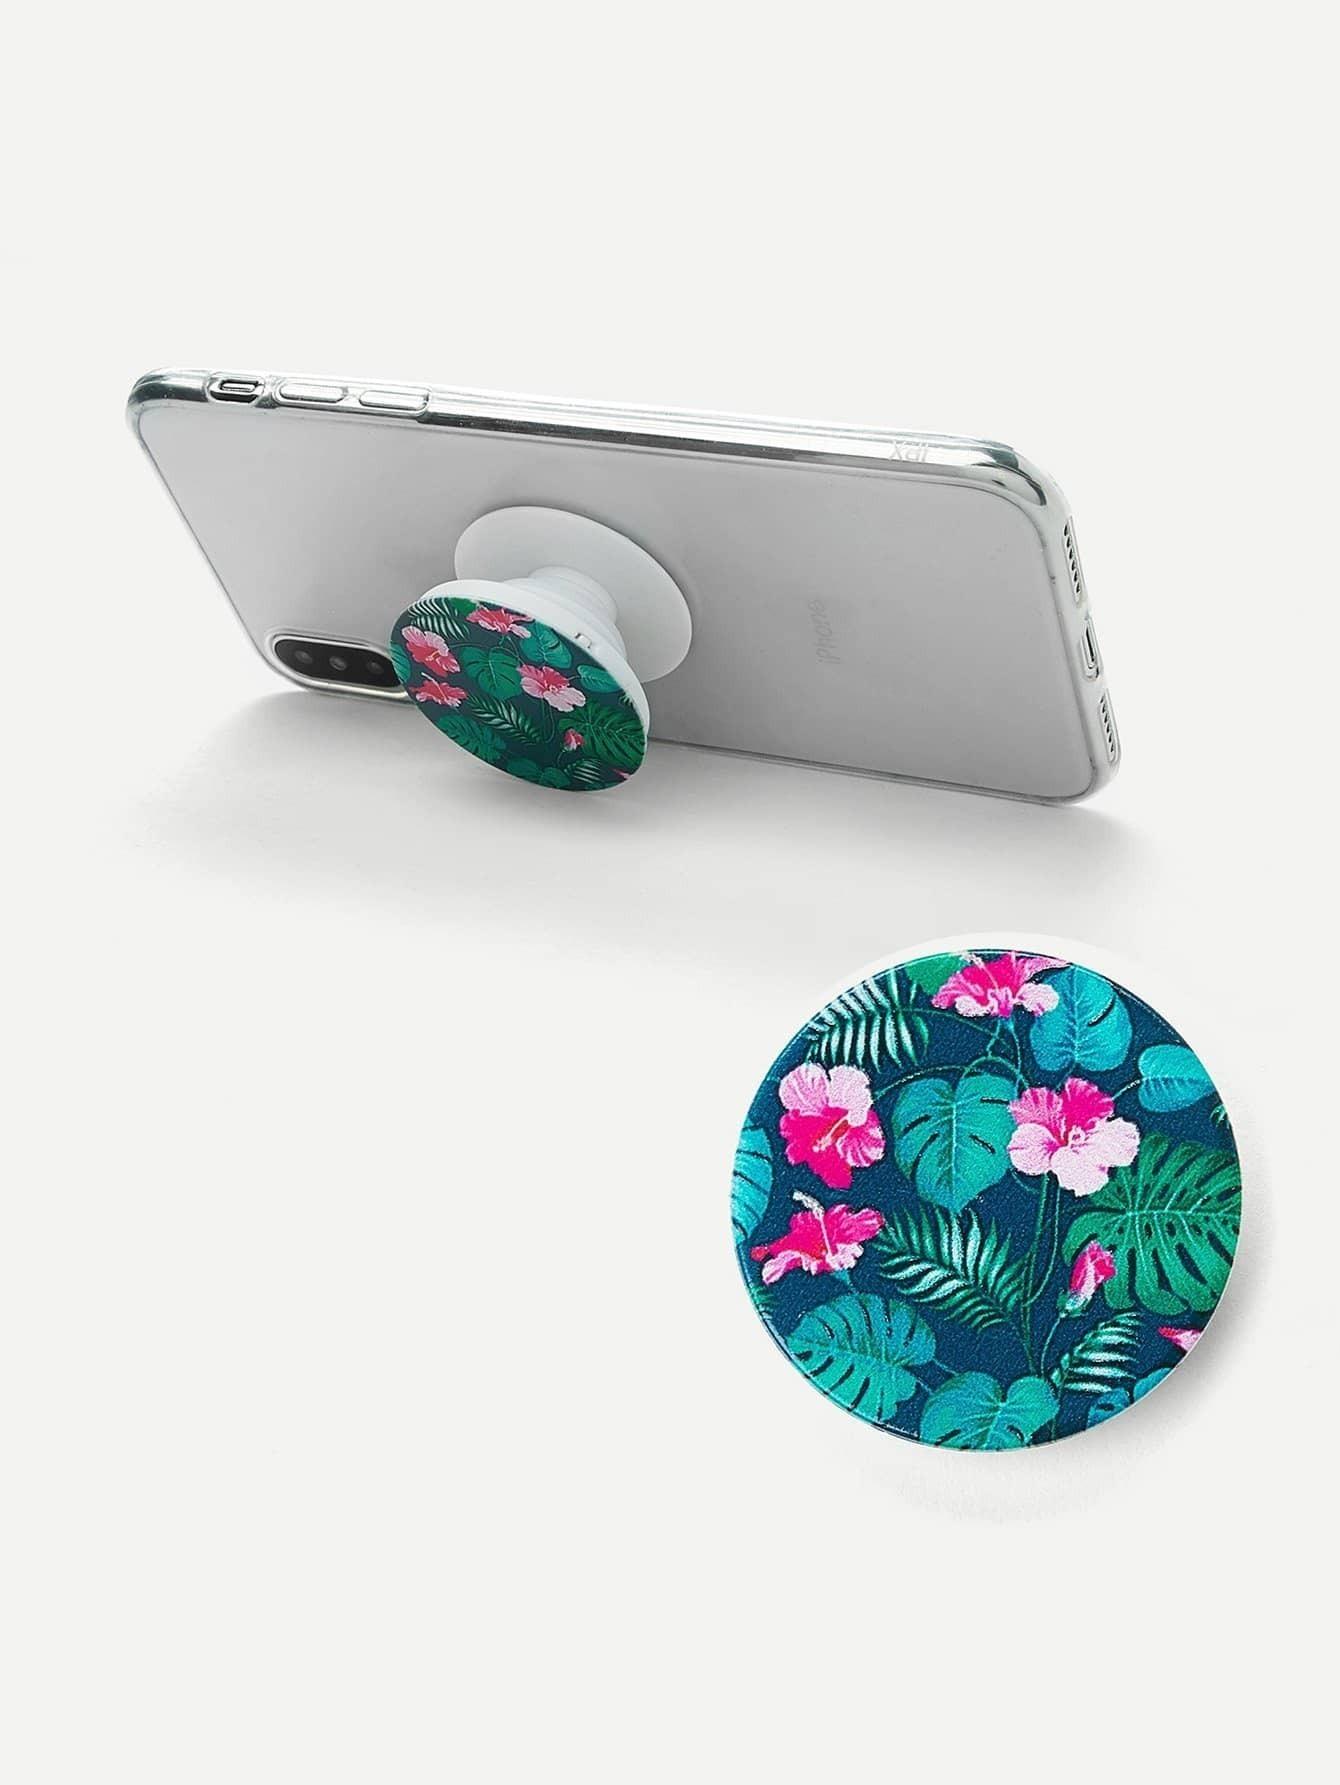 Модная портативная подставка для мобильного телефона с принтом